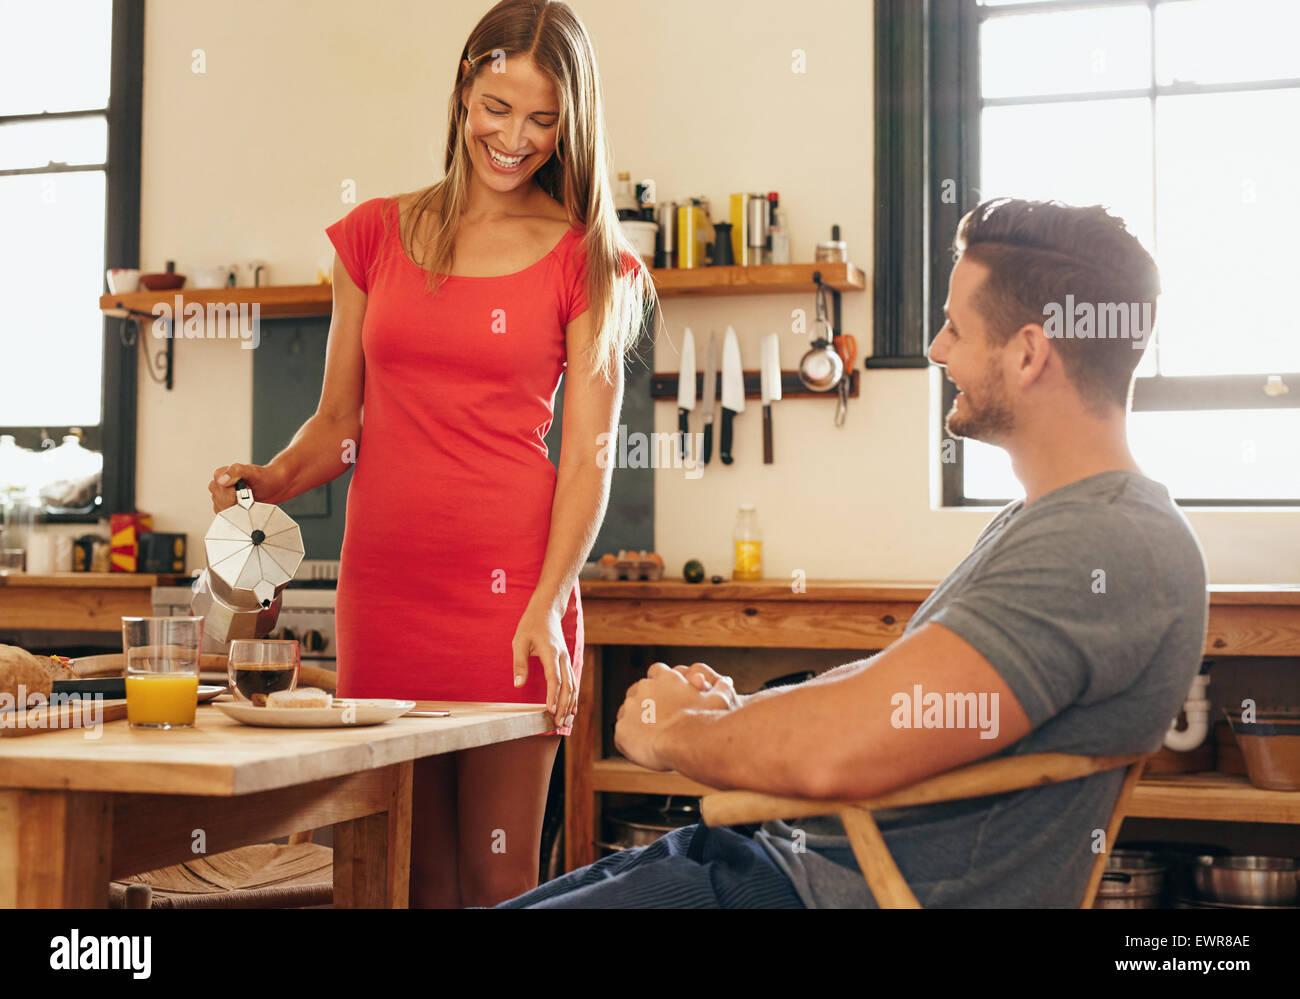 Filmación en interiores de la pareja tomando el desayuno en la cocina. Mujer joven vierte café en una Imagen De Stock